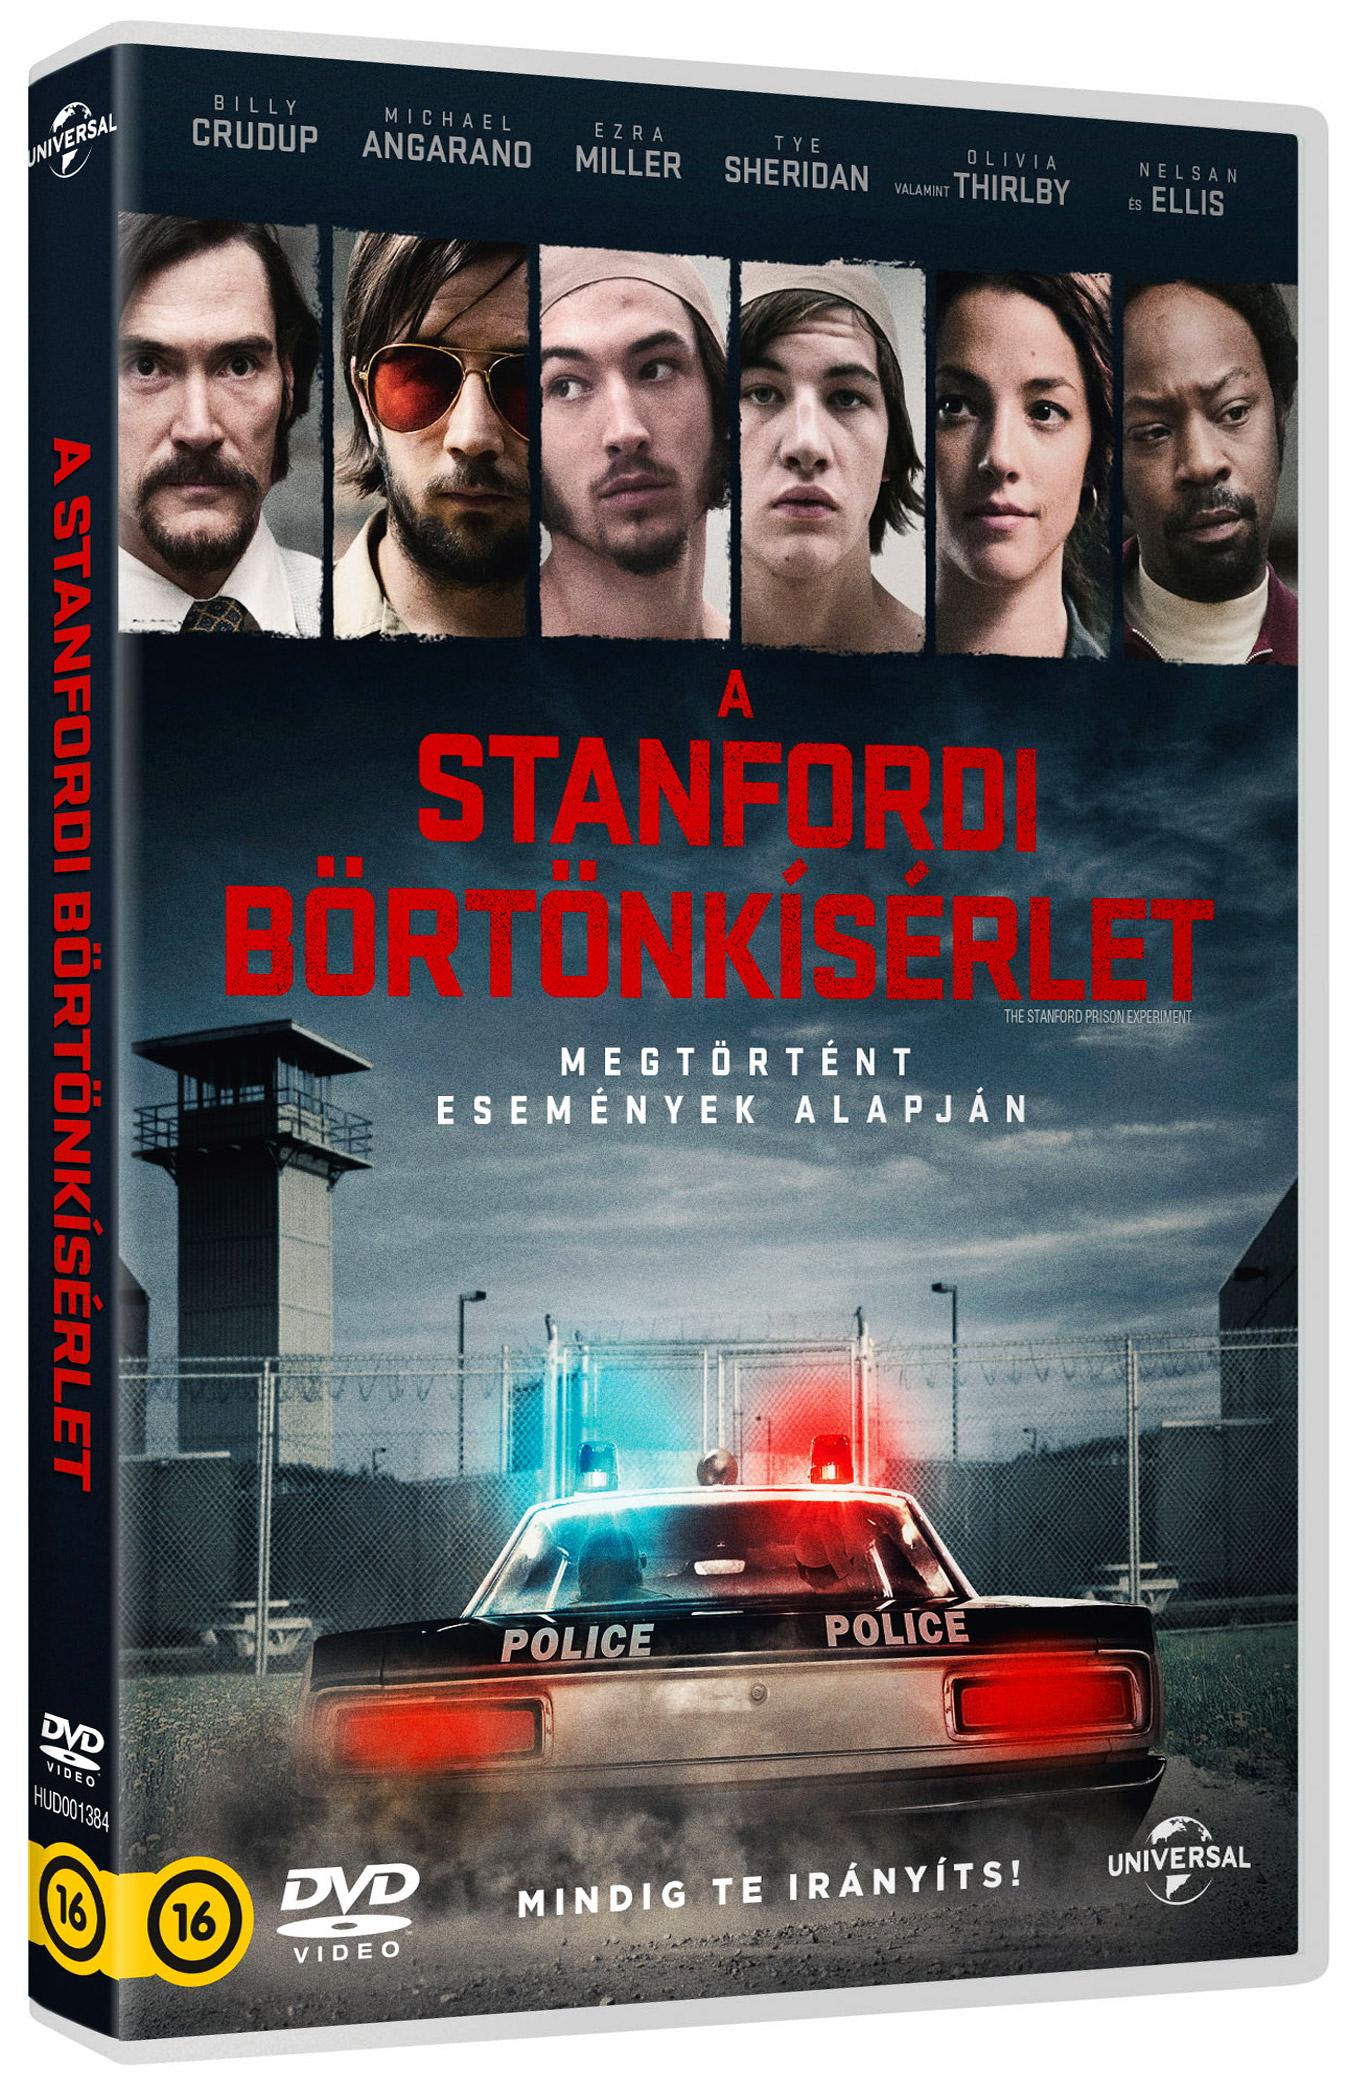 A stanfordi börtönkísérlet DVD